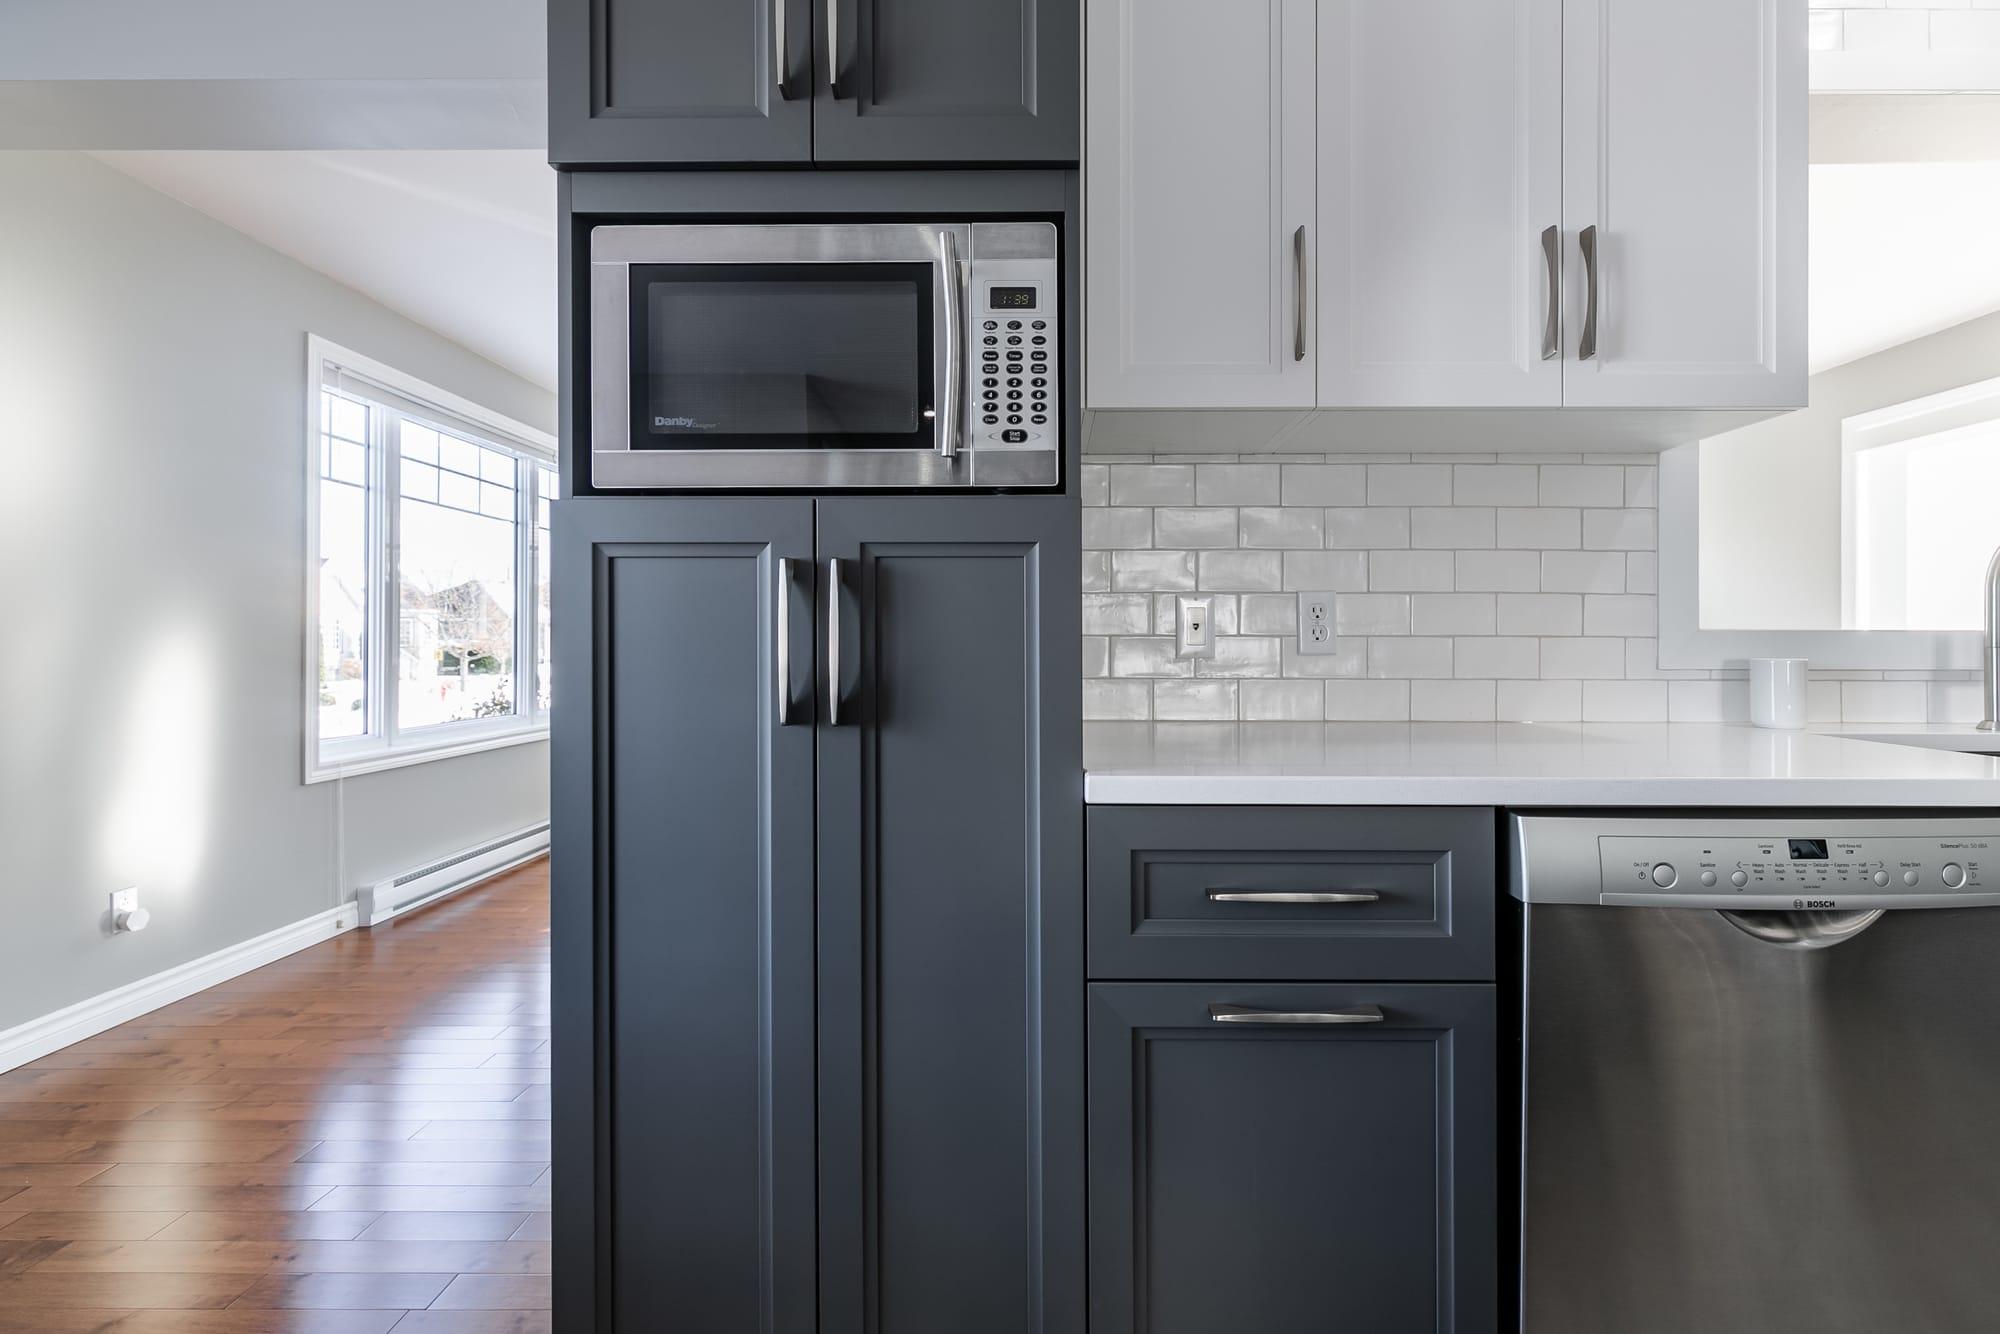 armoires de cuisine deux tons avec espace pour micro-ondes et dosserets en céramique blanche